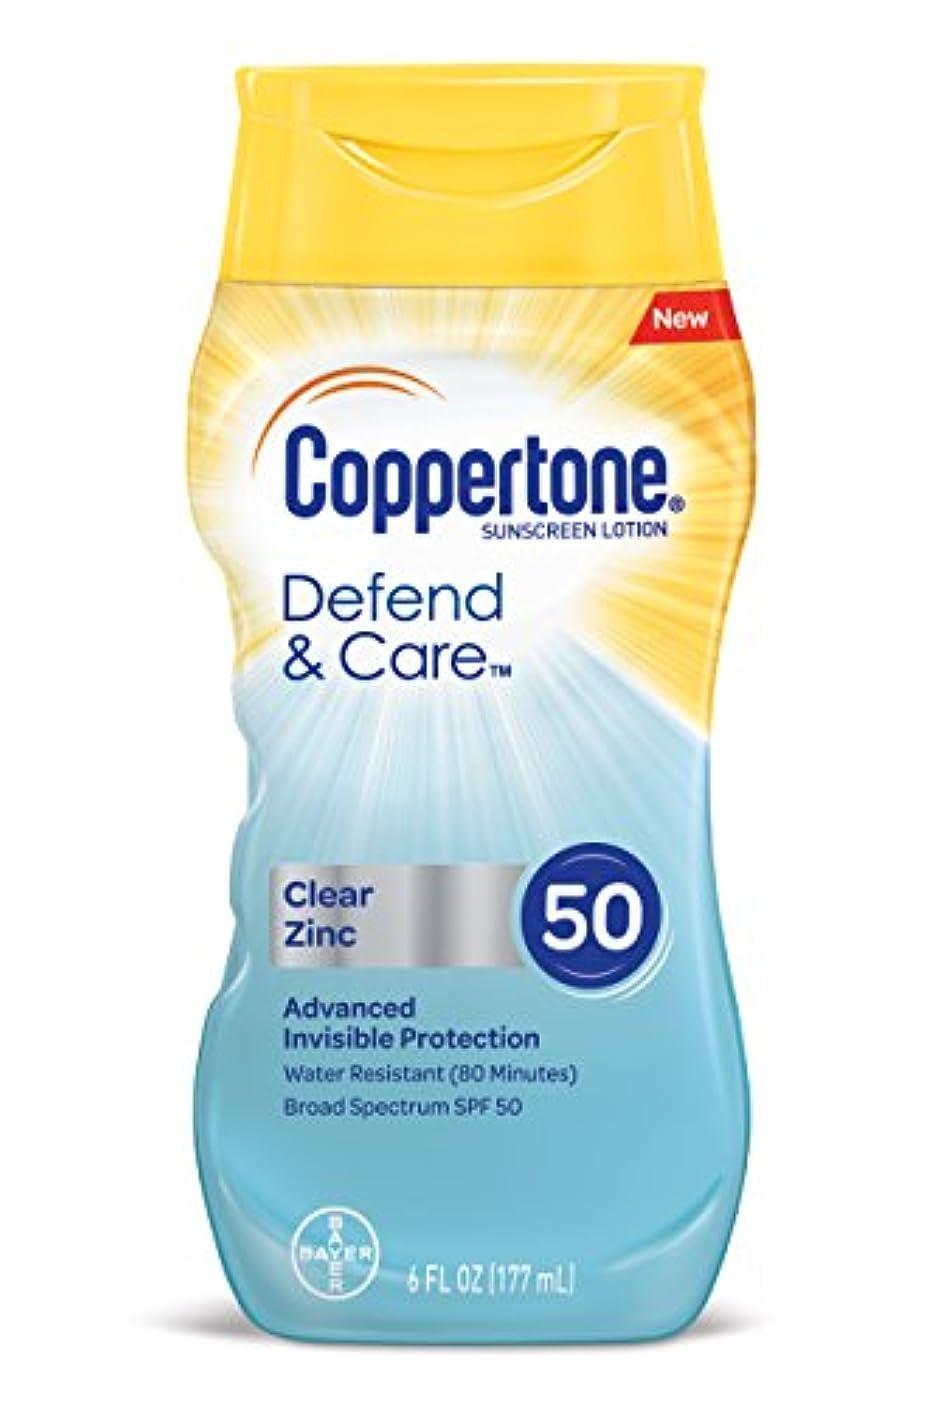 からに変化するページェント幹Coppertone 守れ&ケアクリア亜鉛日焼け止めローション広域スペクトルSPF 50(6液量オンス)